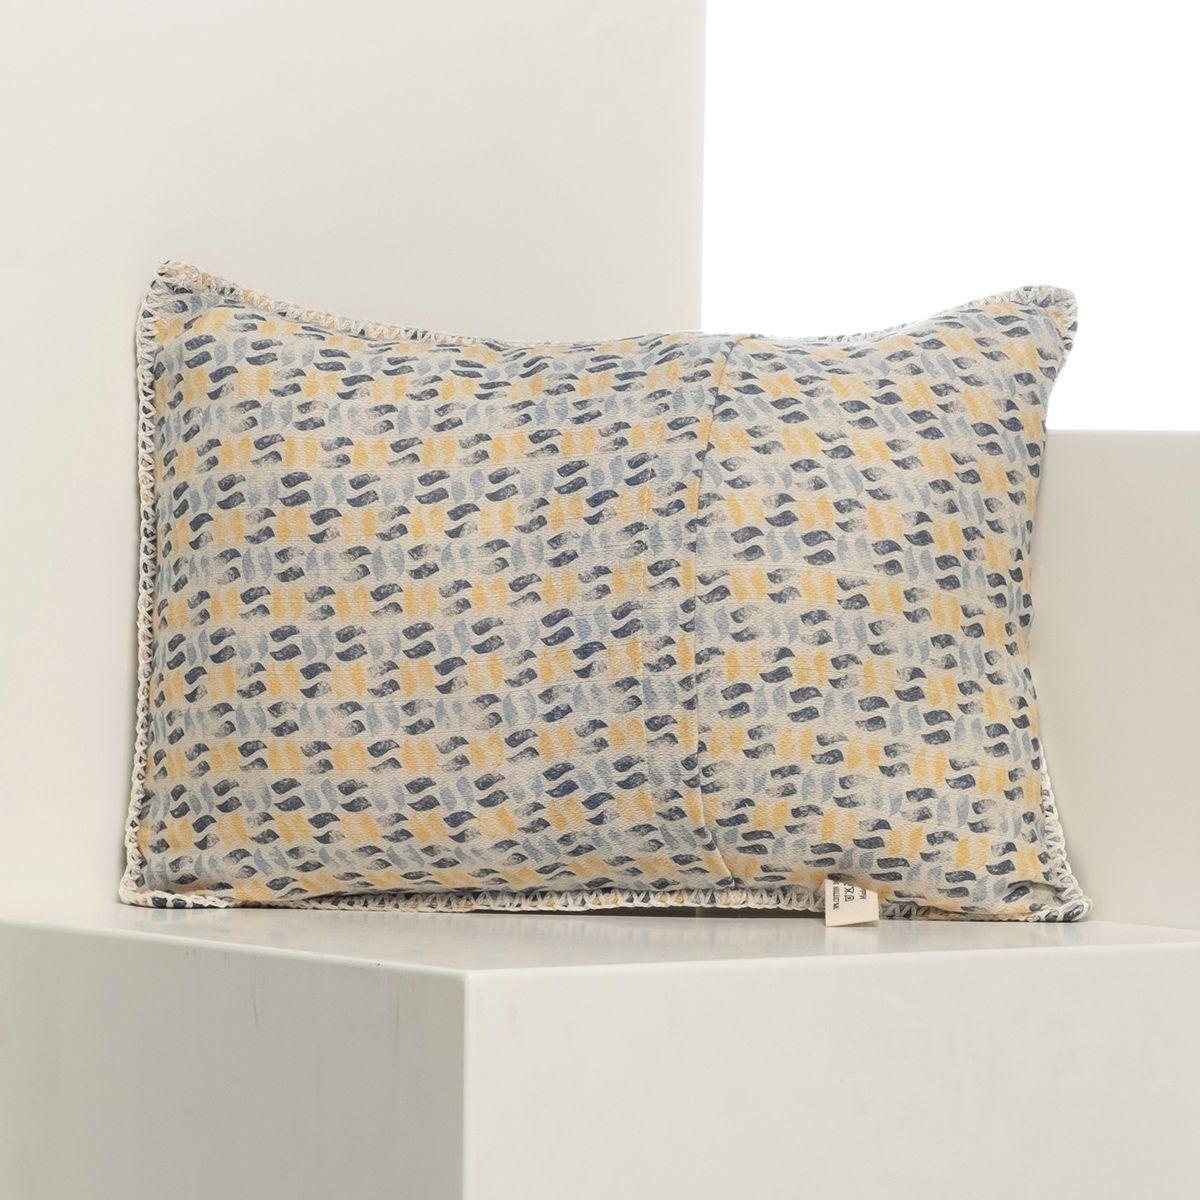 Cushion Cover / Santorini - Navy / 30x40 cm